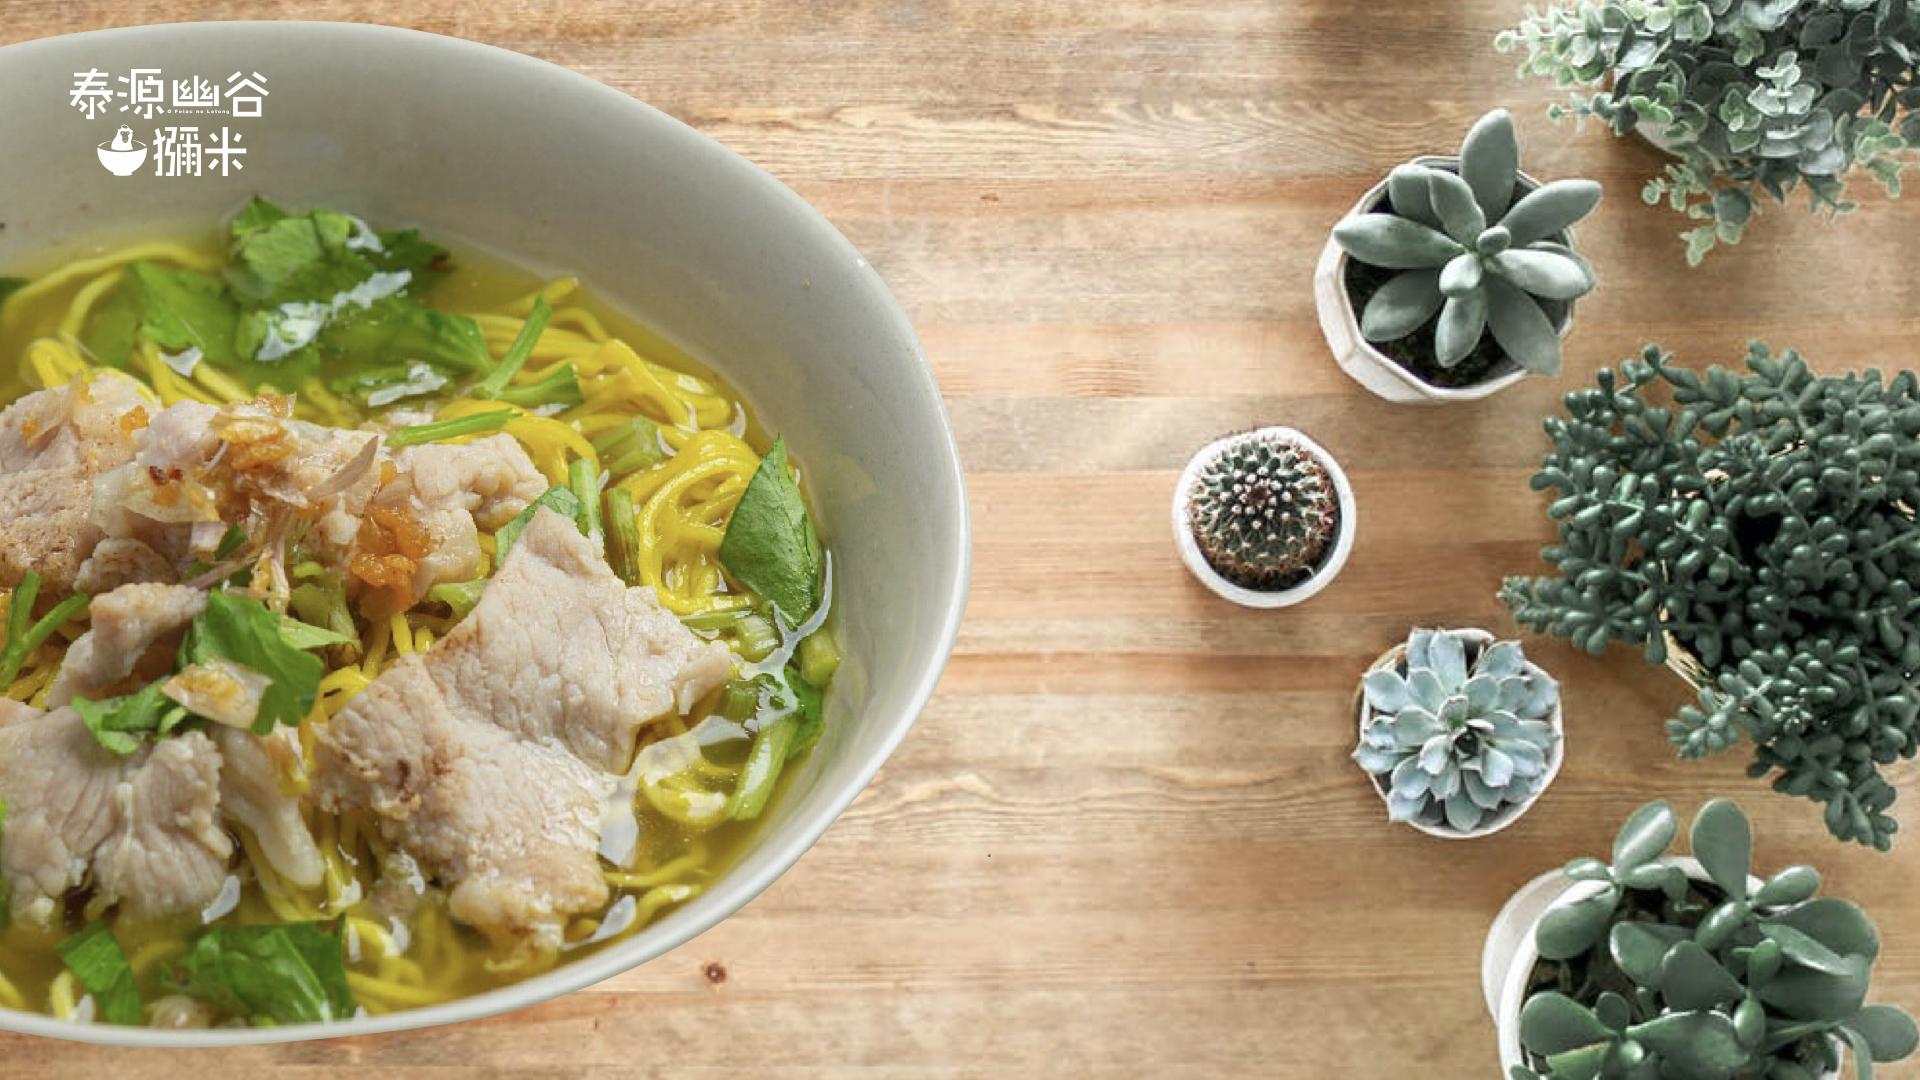 獼米薑黃養生麵加上豬肉而成的豬肉湯麵